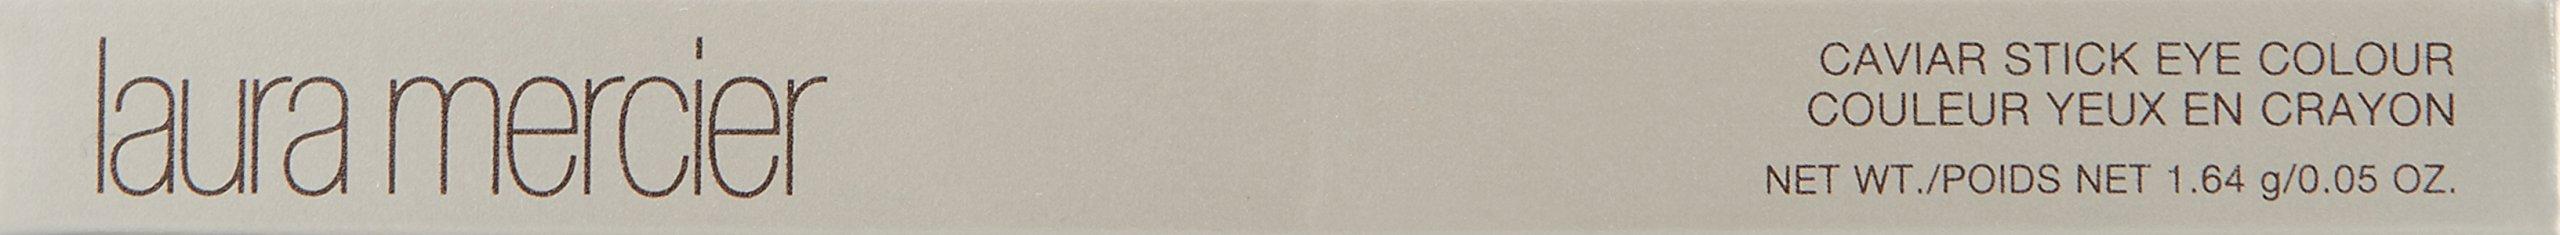 Laura Mercier Caviar Stick Eye Color, Sugar Frost, 0.05 Ounce by laura mercier (Image #4)